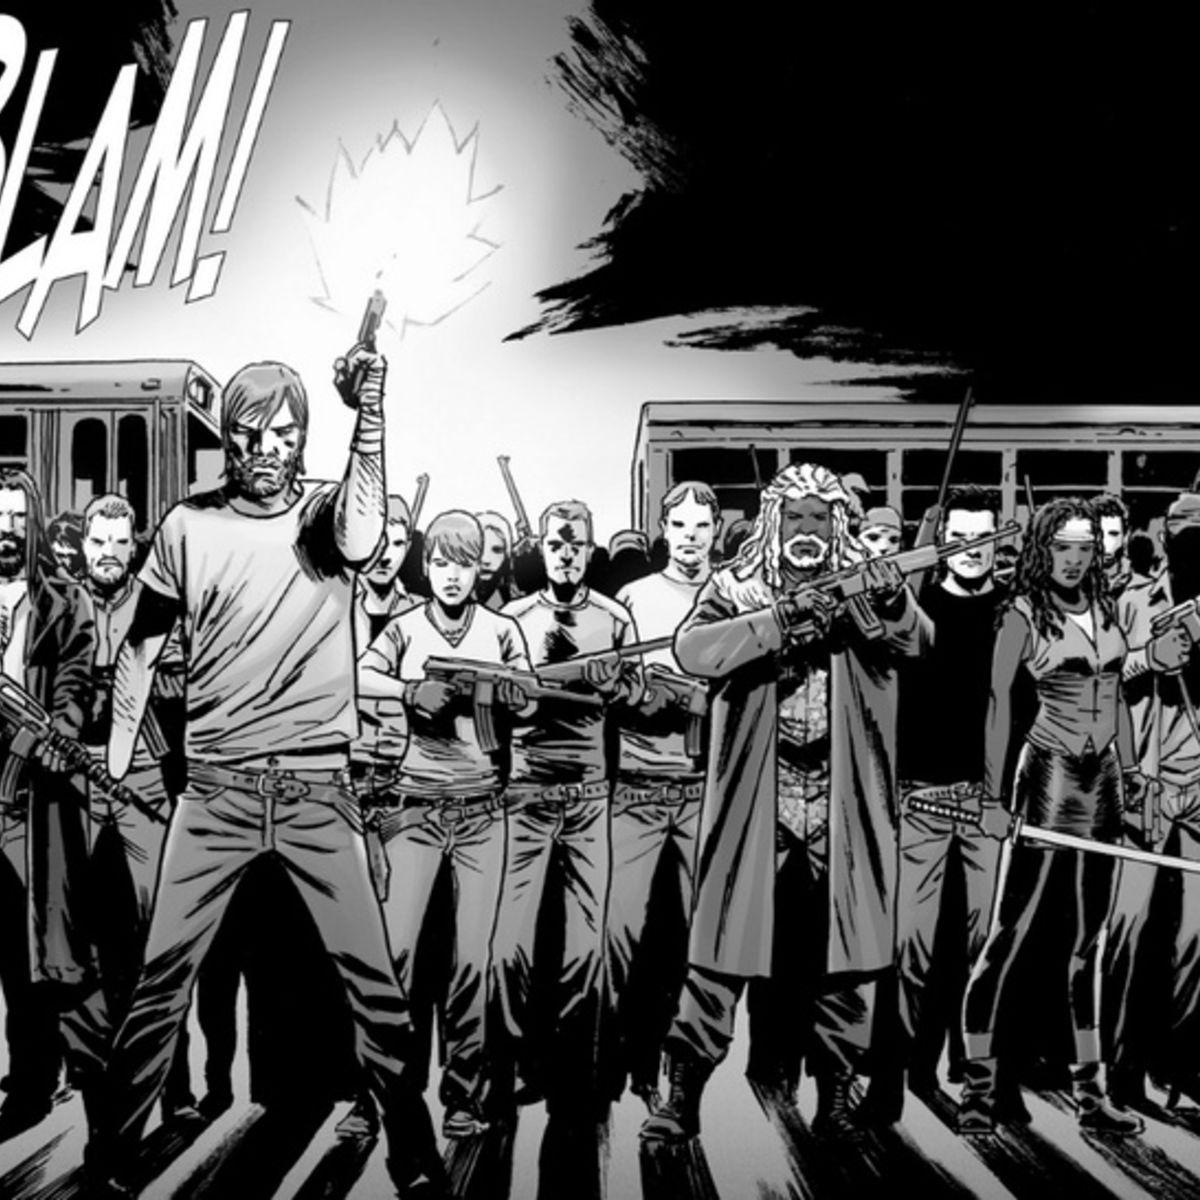 TWD-Comic-Cover.jpg